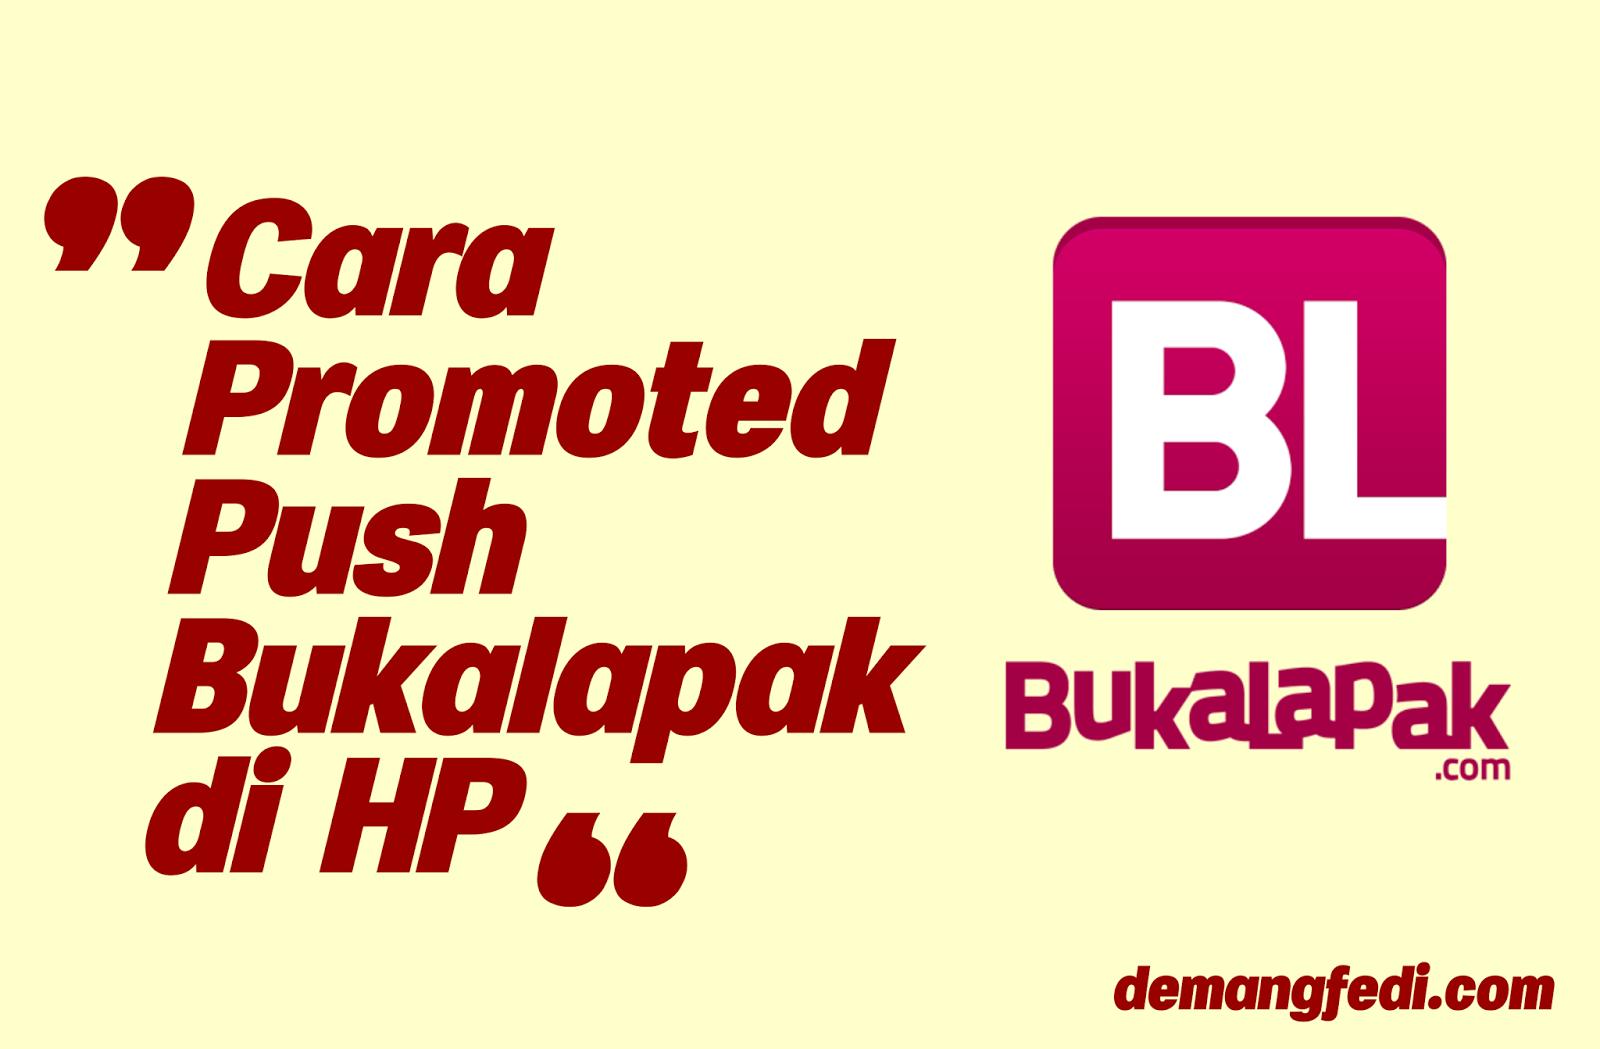 Cara Promoted Push Bukalapak Di HP